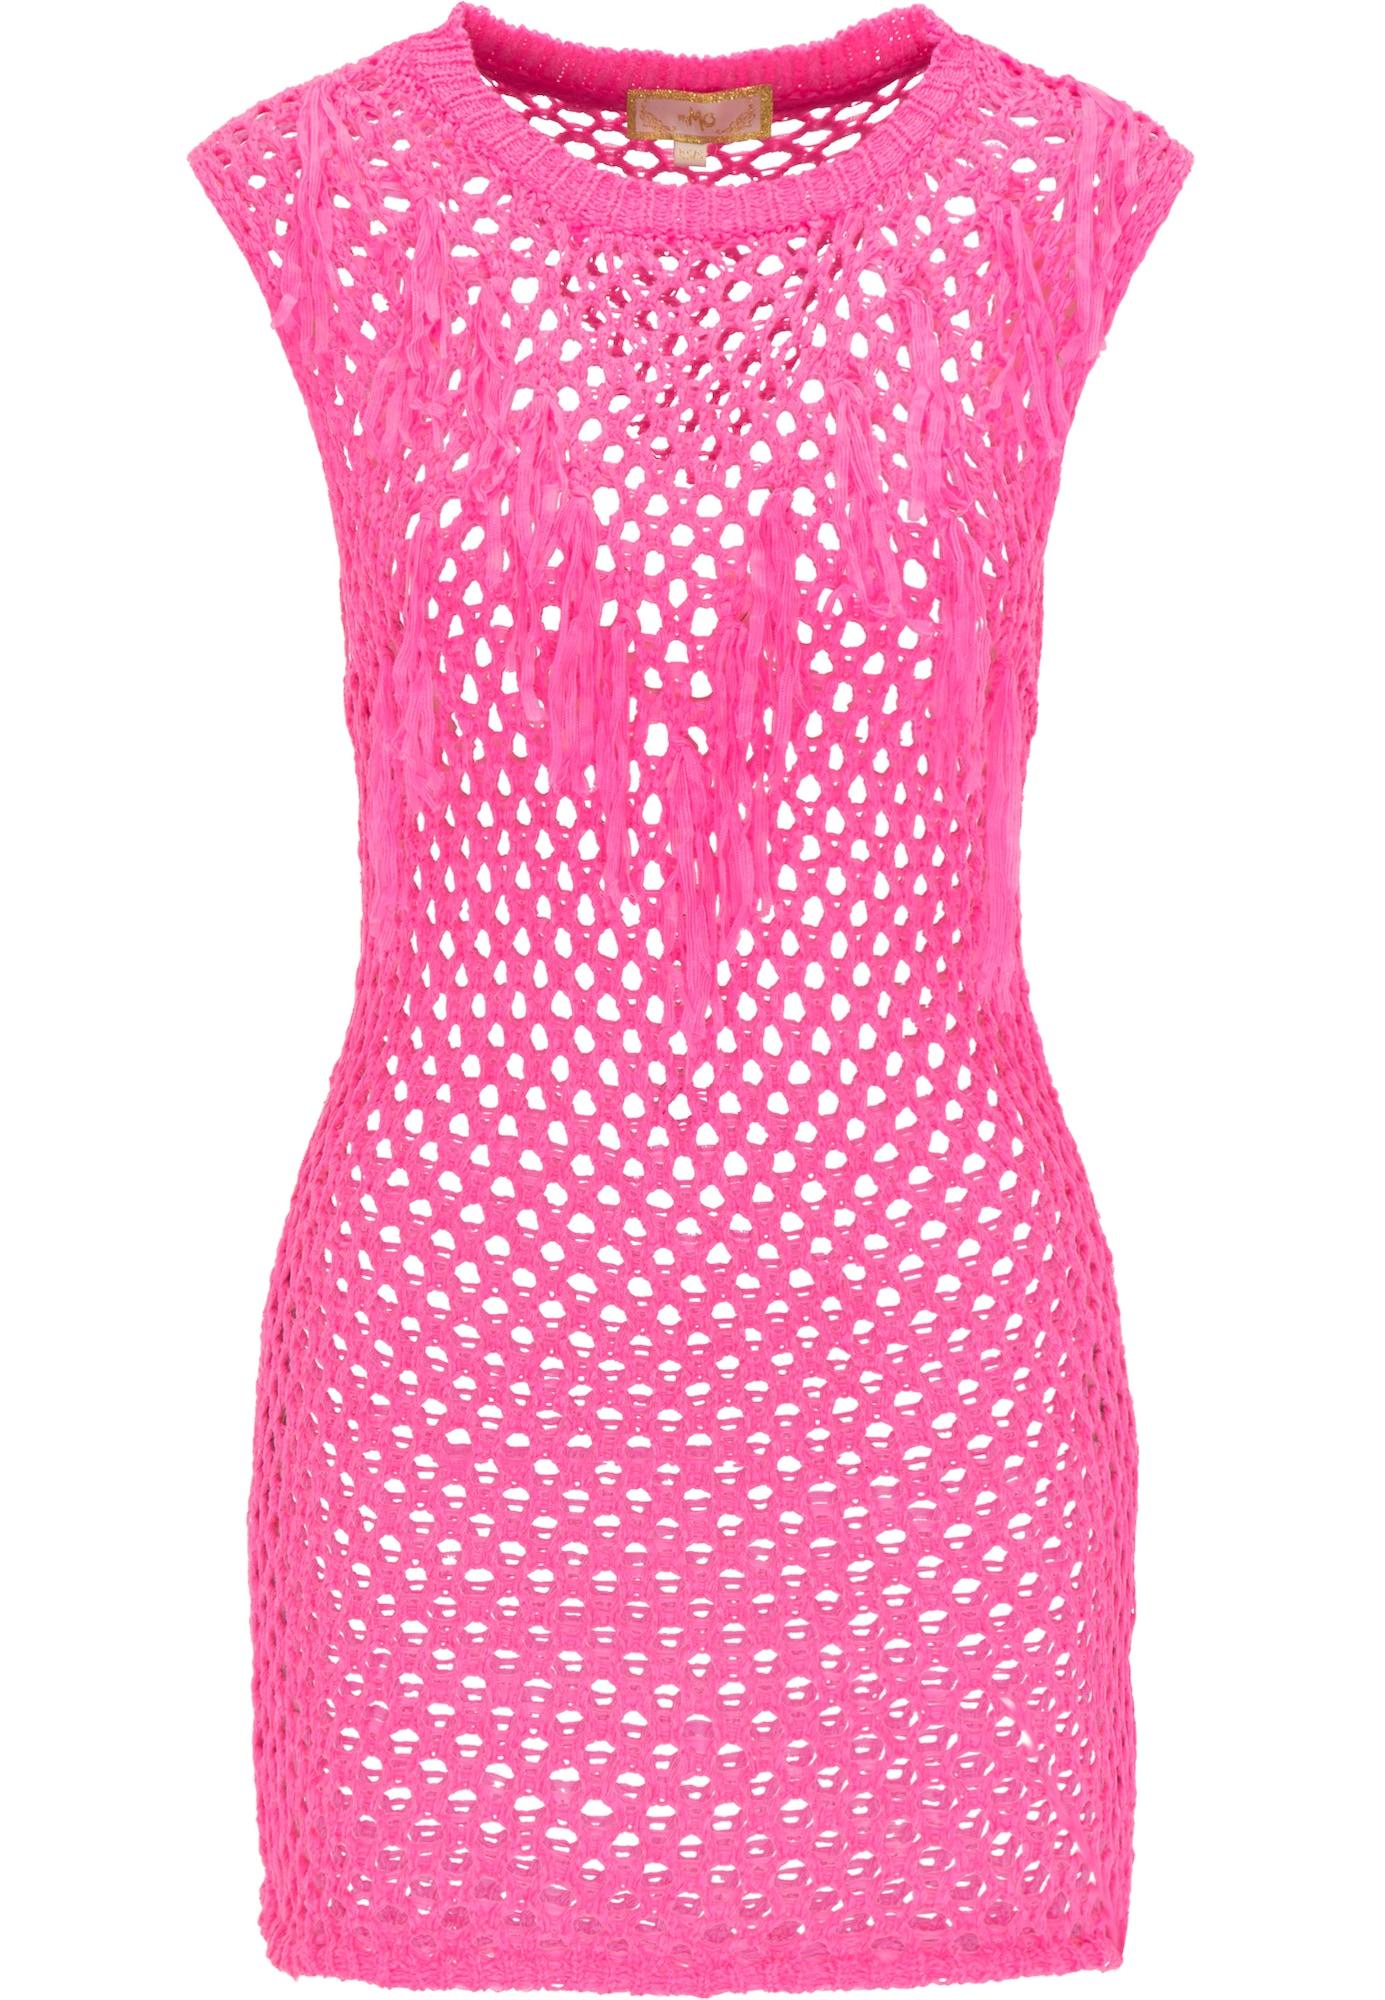 MYMO Paplūdimio suknelė neoninė rožinė